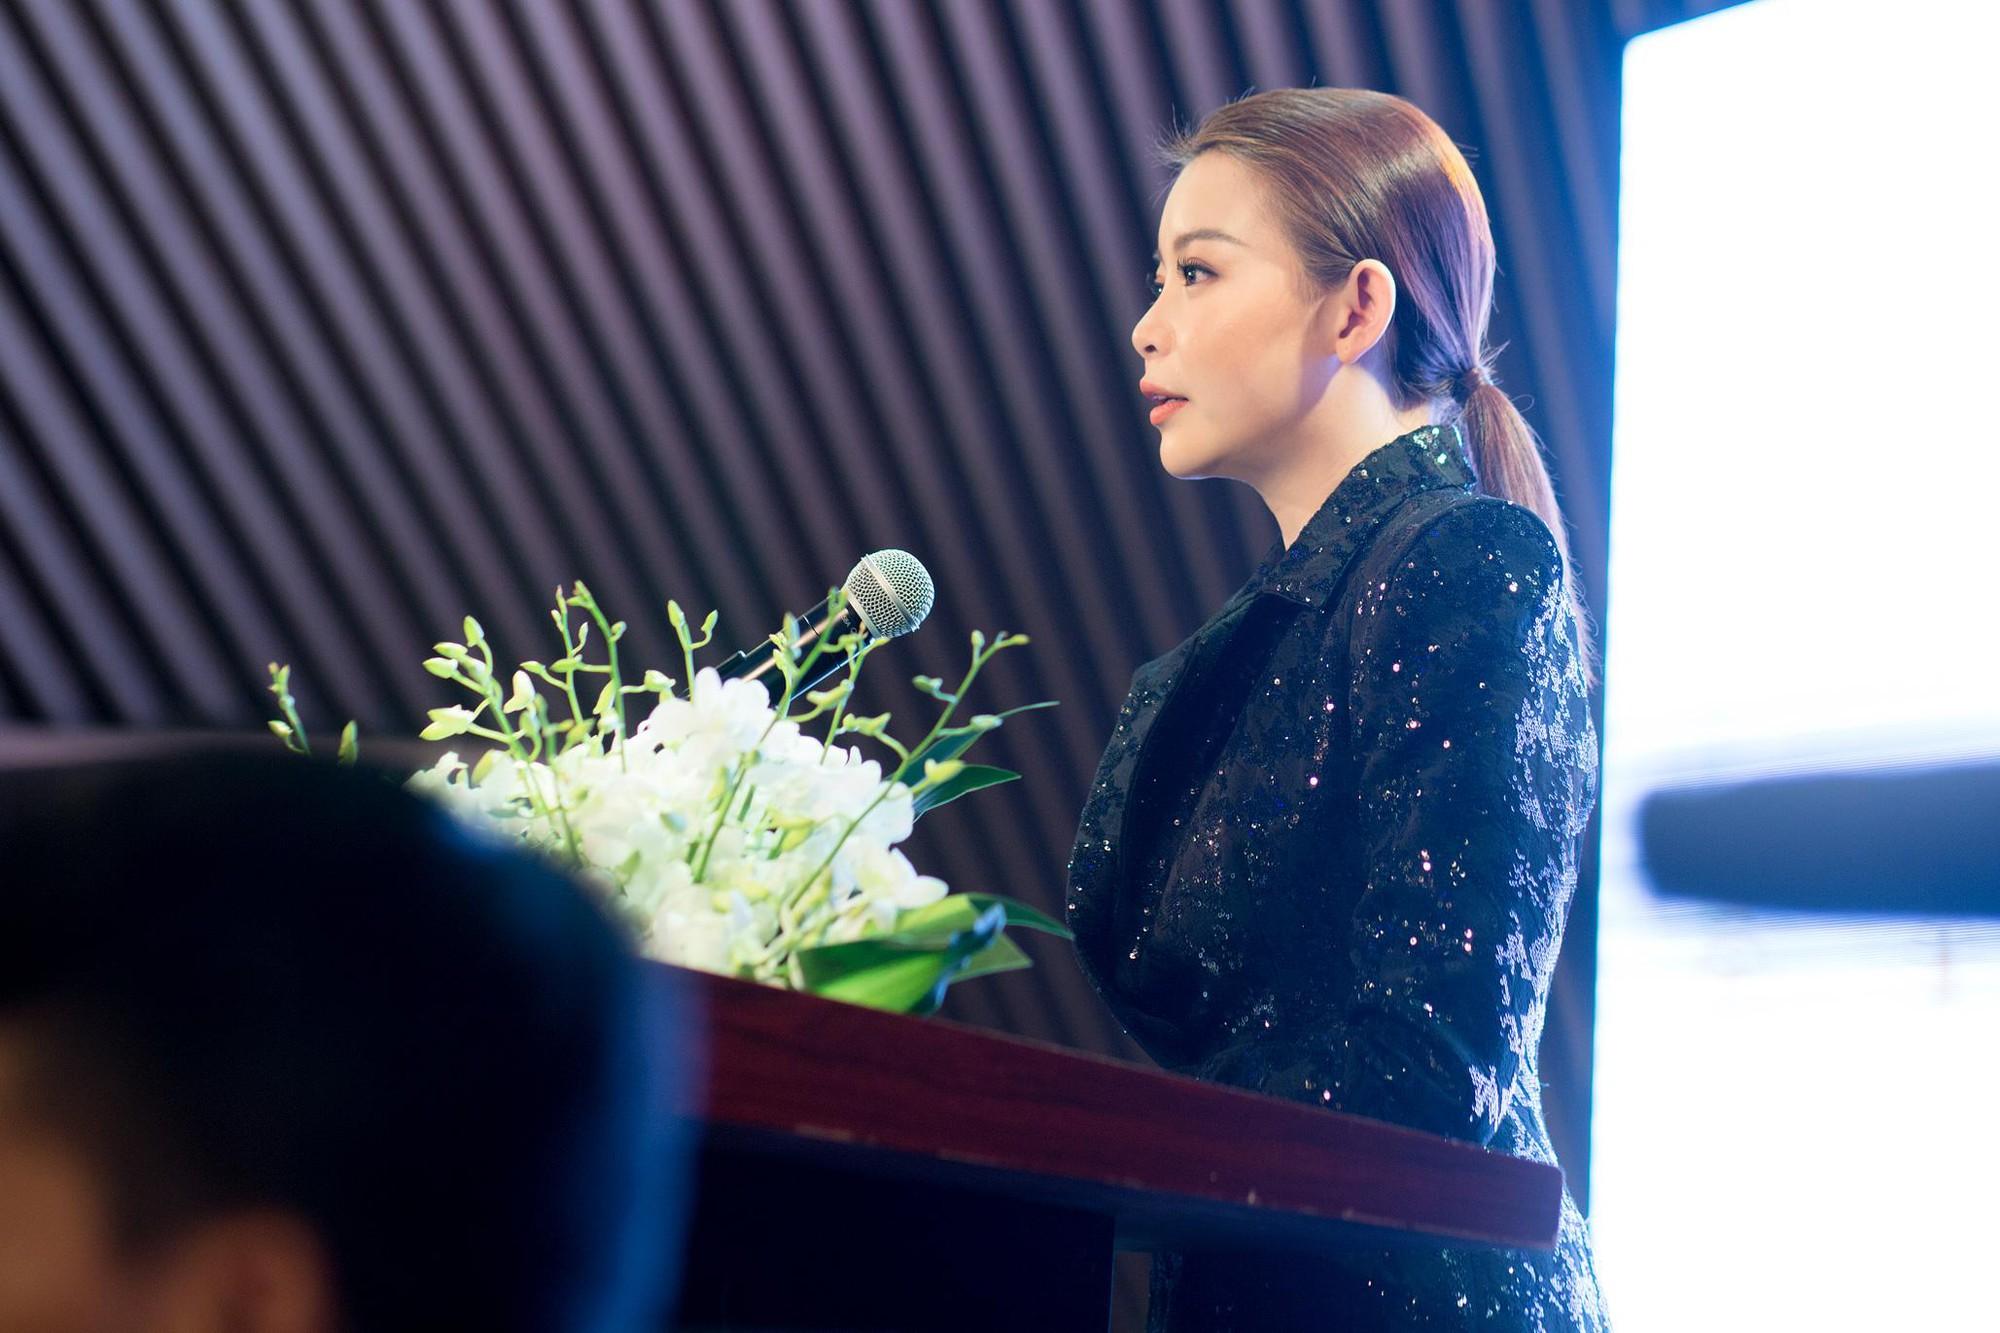 Siêu mẫu Minh Trung được bổ nhiệm làm giám đốc quốc gia Mister Supranational - Ảnh 4.